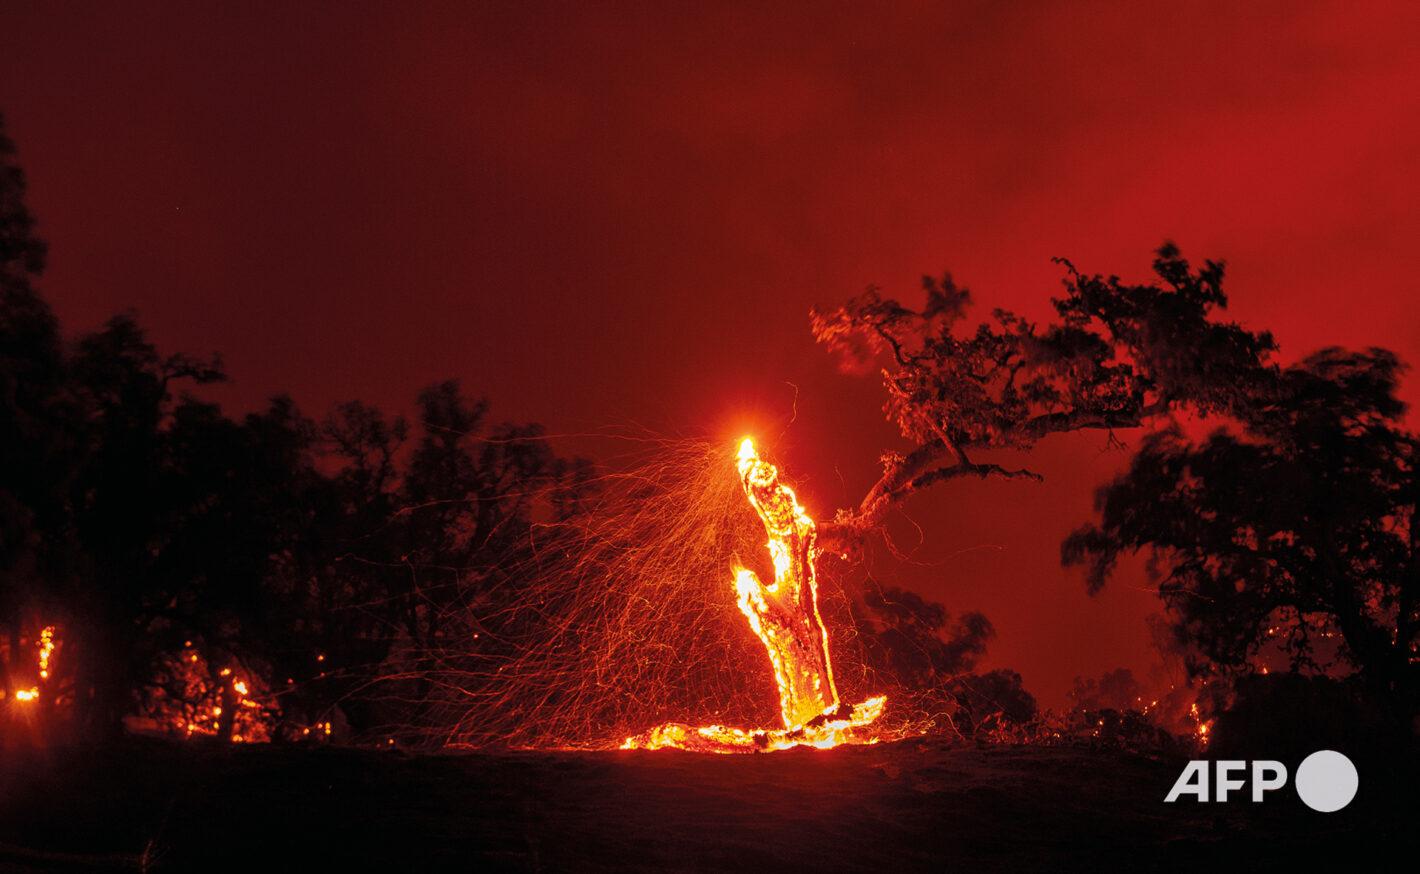 AFP 5 | Josh EDELSON 18 août 2020 - Comté der Napa, Californie (États-Unis)